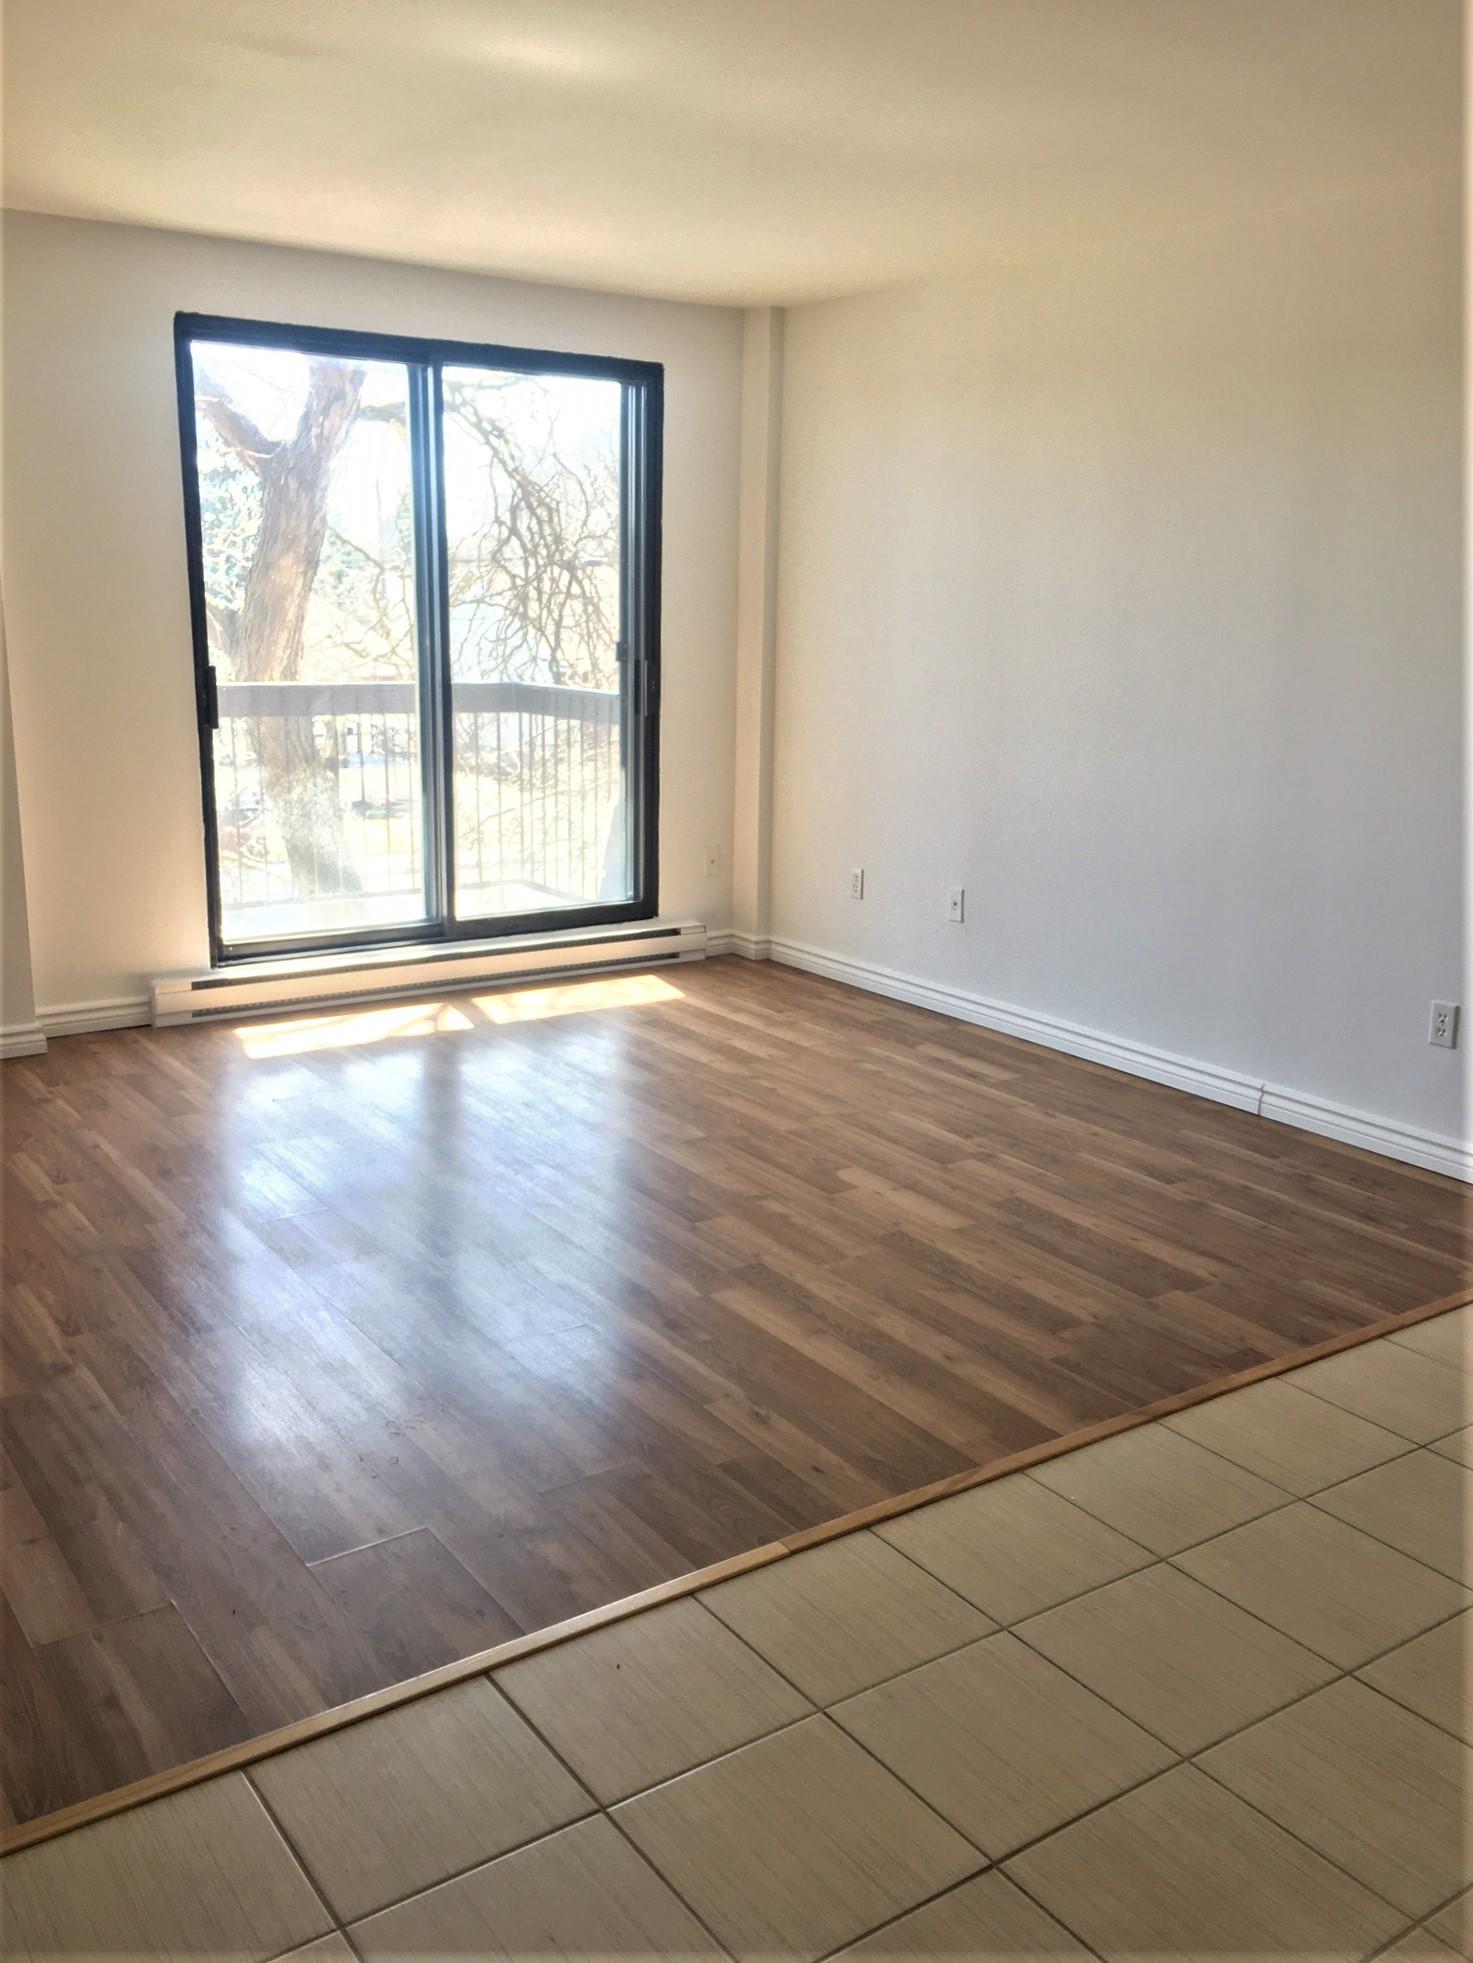 Studio / Bachelor Apartments for rent in Pointe-aux-Trembles at Habitations de la Rousseliere - Photo 01 - RentersPages – L1920